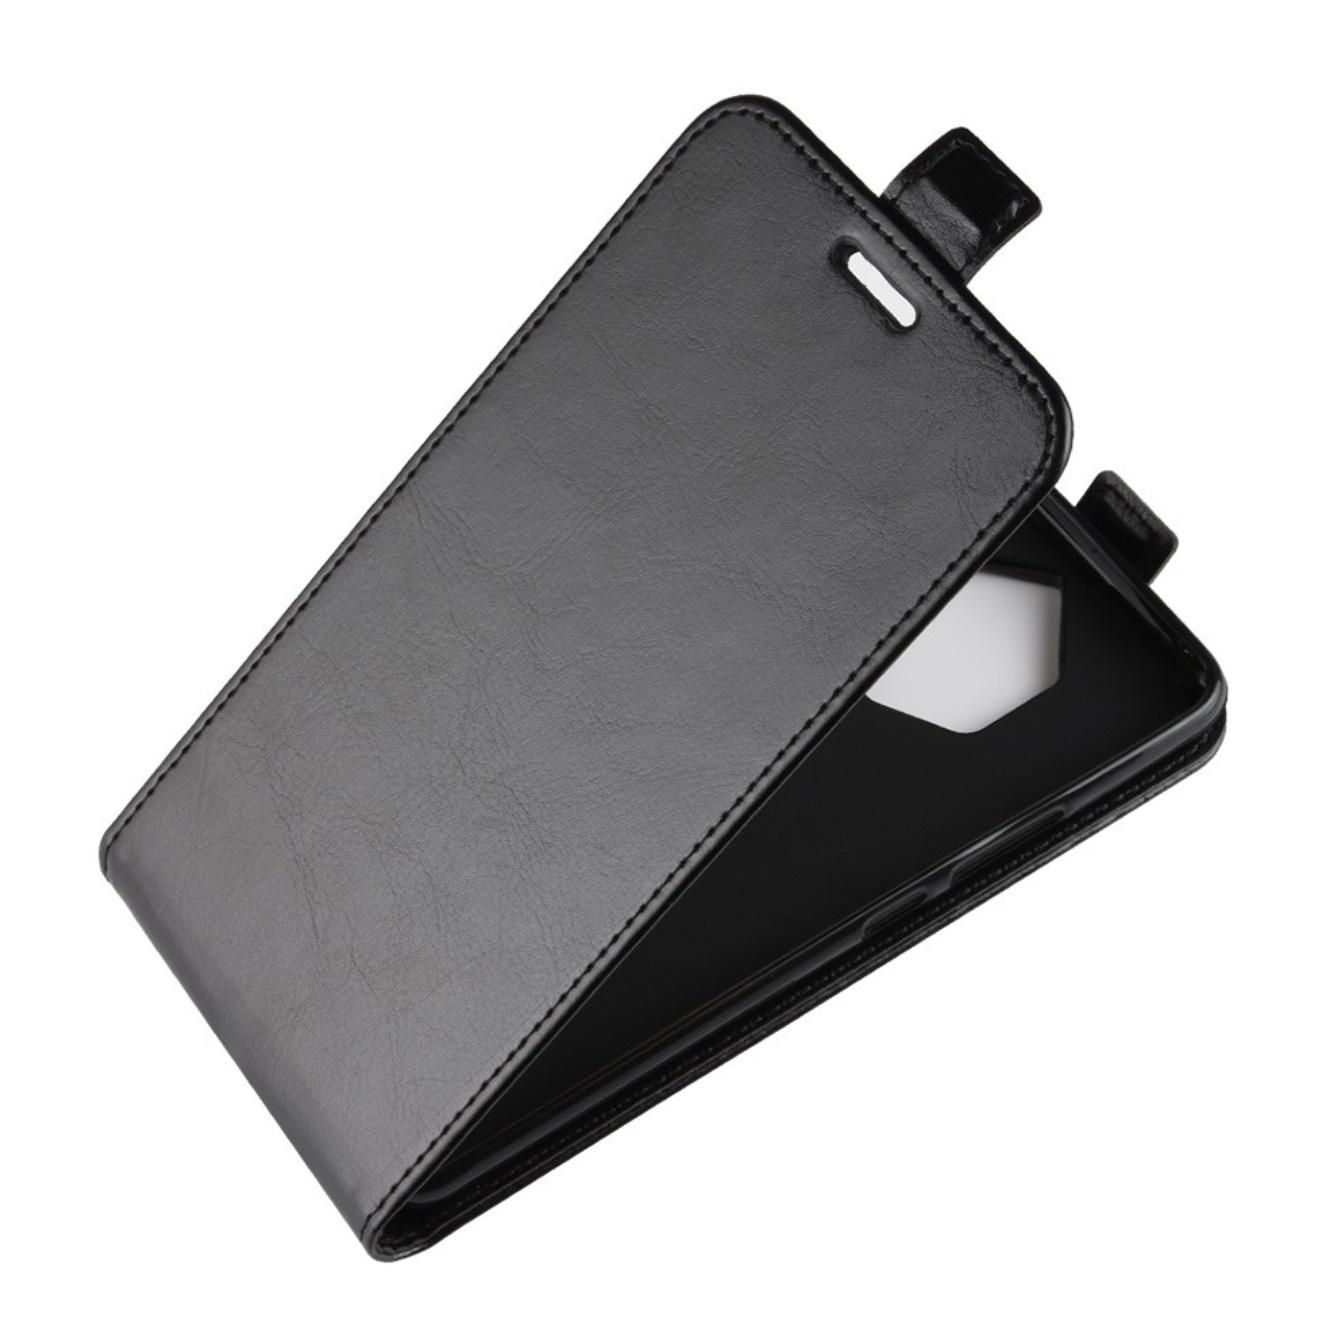 Чехол-флип MyPads для Acer Liquid Z520 вертикальный откидной черный